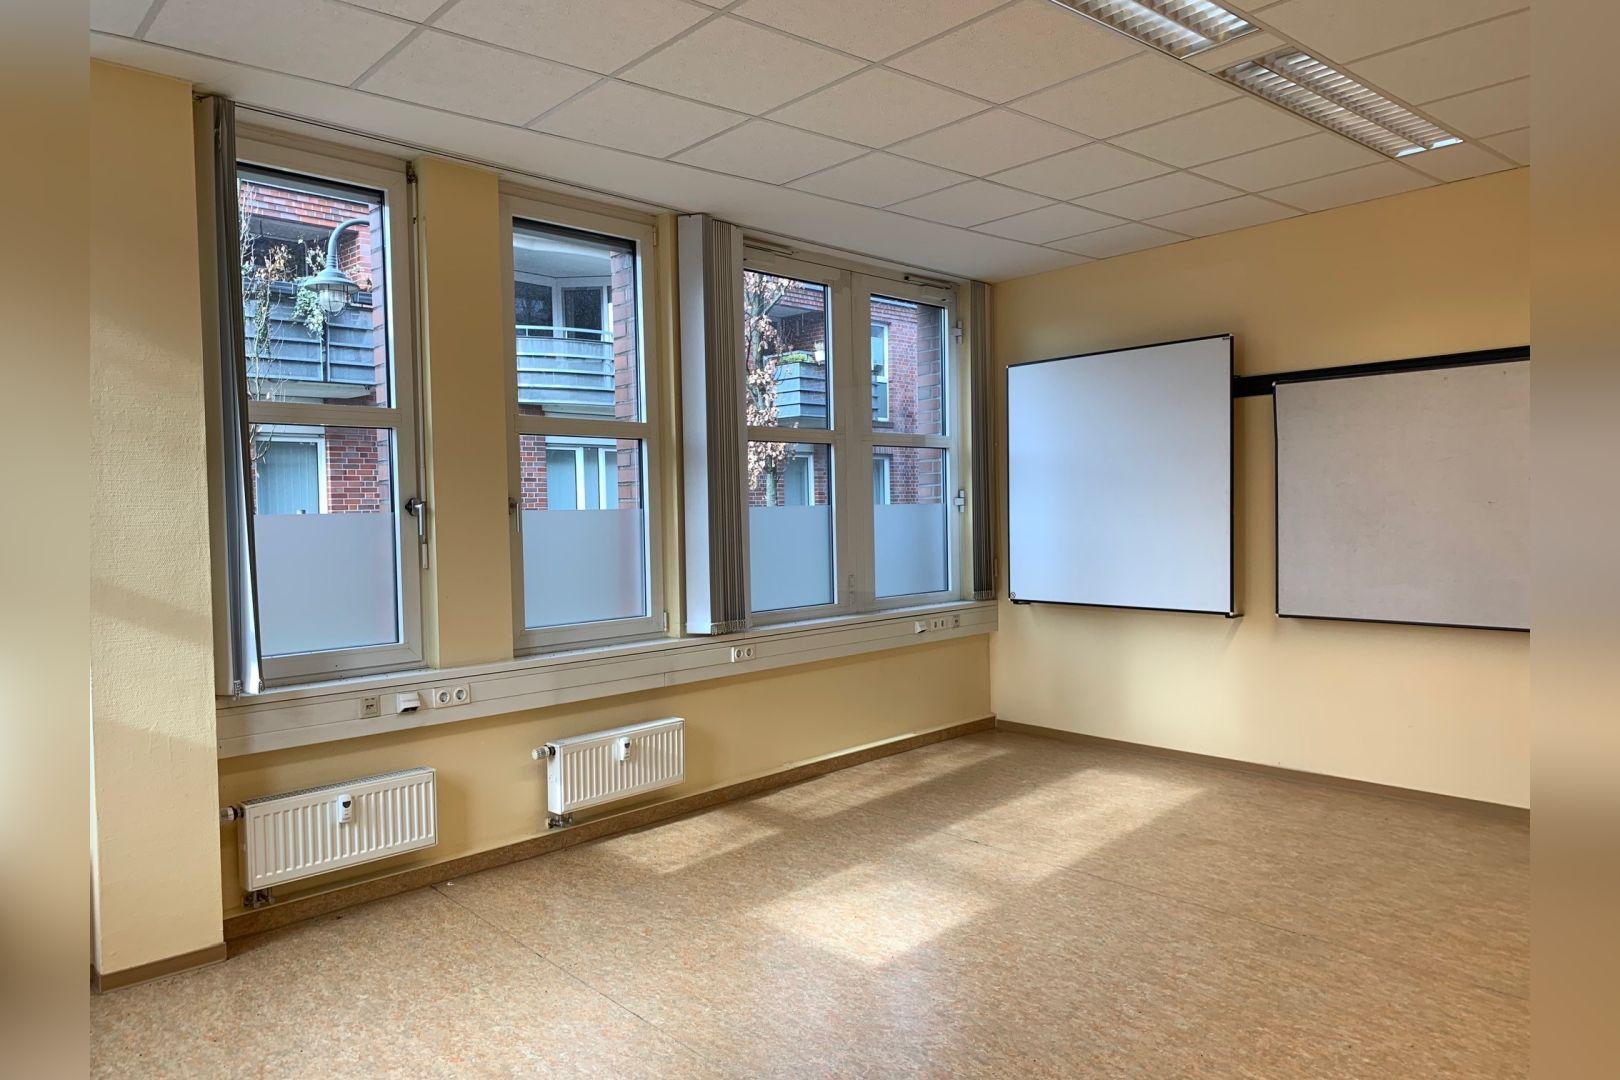 Immobilie Nr.112 - Büro- oder Praxisfläche für Dienstleistung, Medizin, Verwaltung  - Bild 13.jpg